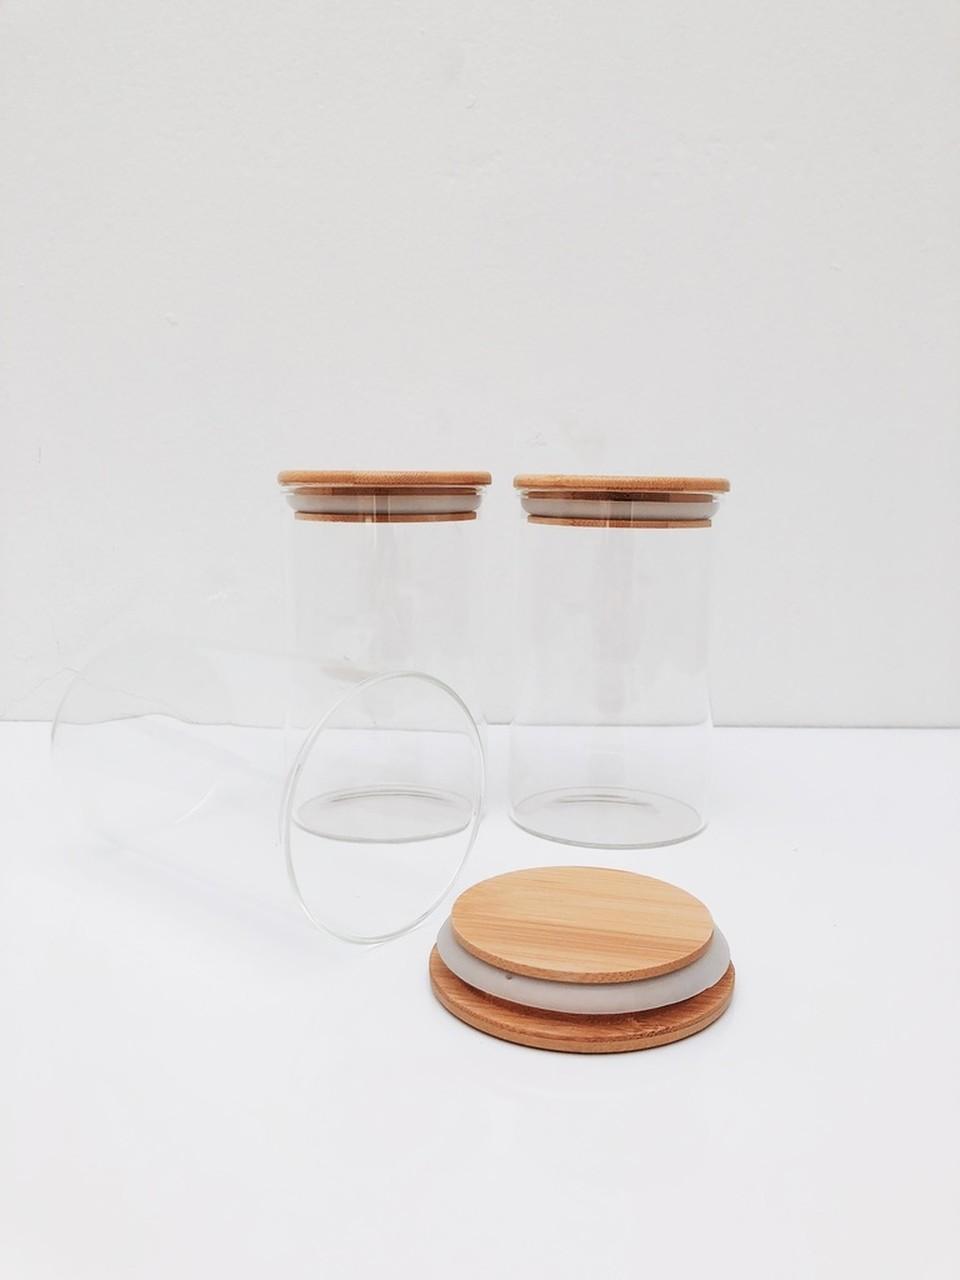 Kit Pote de Vidro com Tampa de Bambu 600ml - 3 Peças  - CASACOBRE